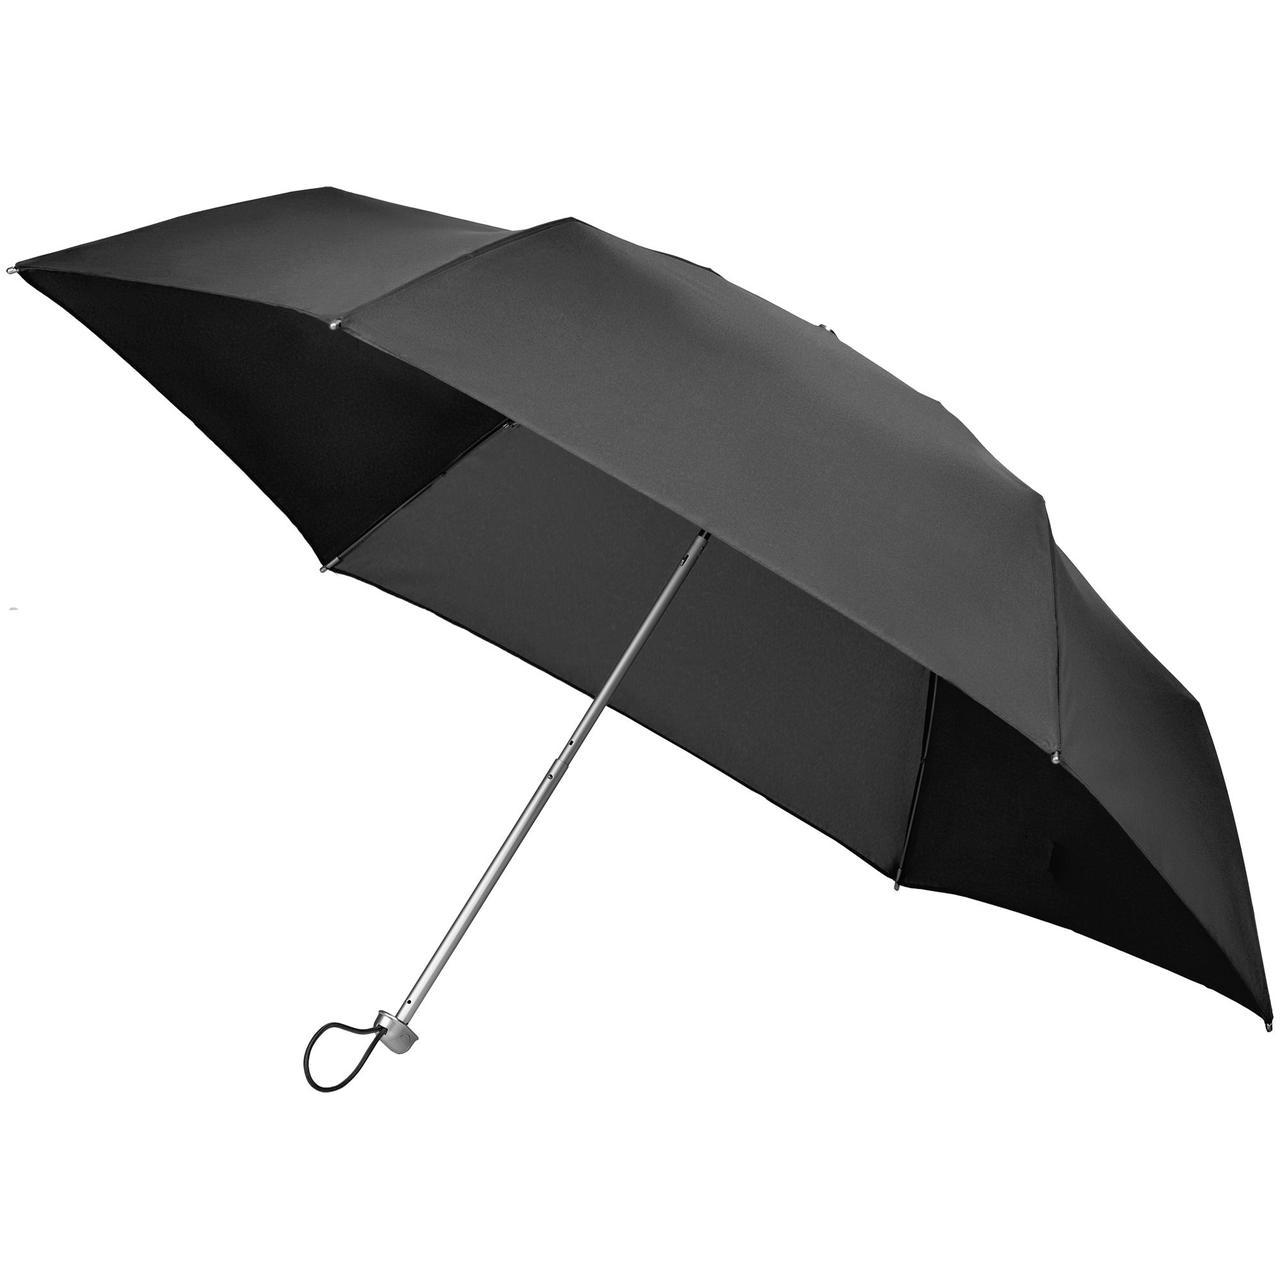 Складной зонт Alu Drop S, 3 сложения, механический, черный